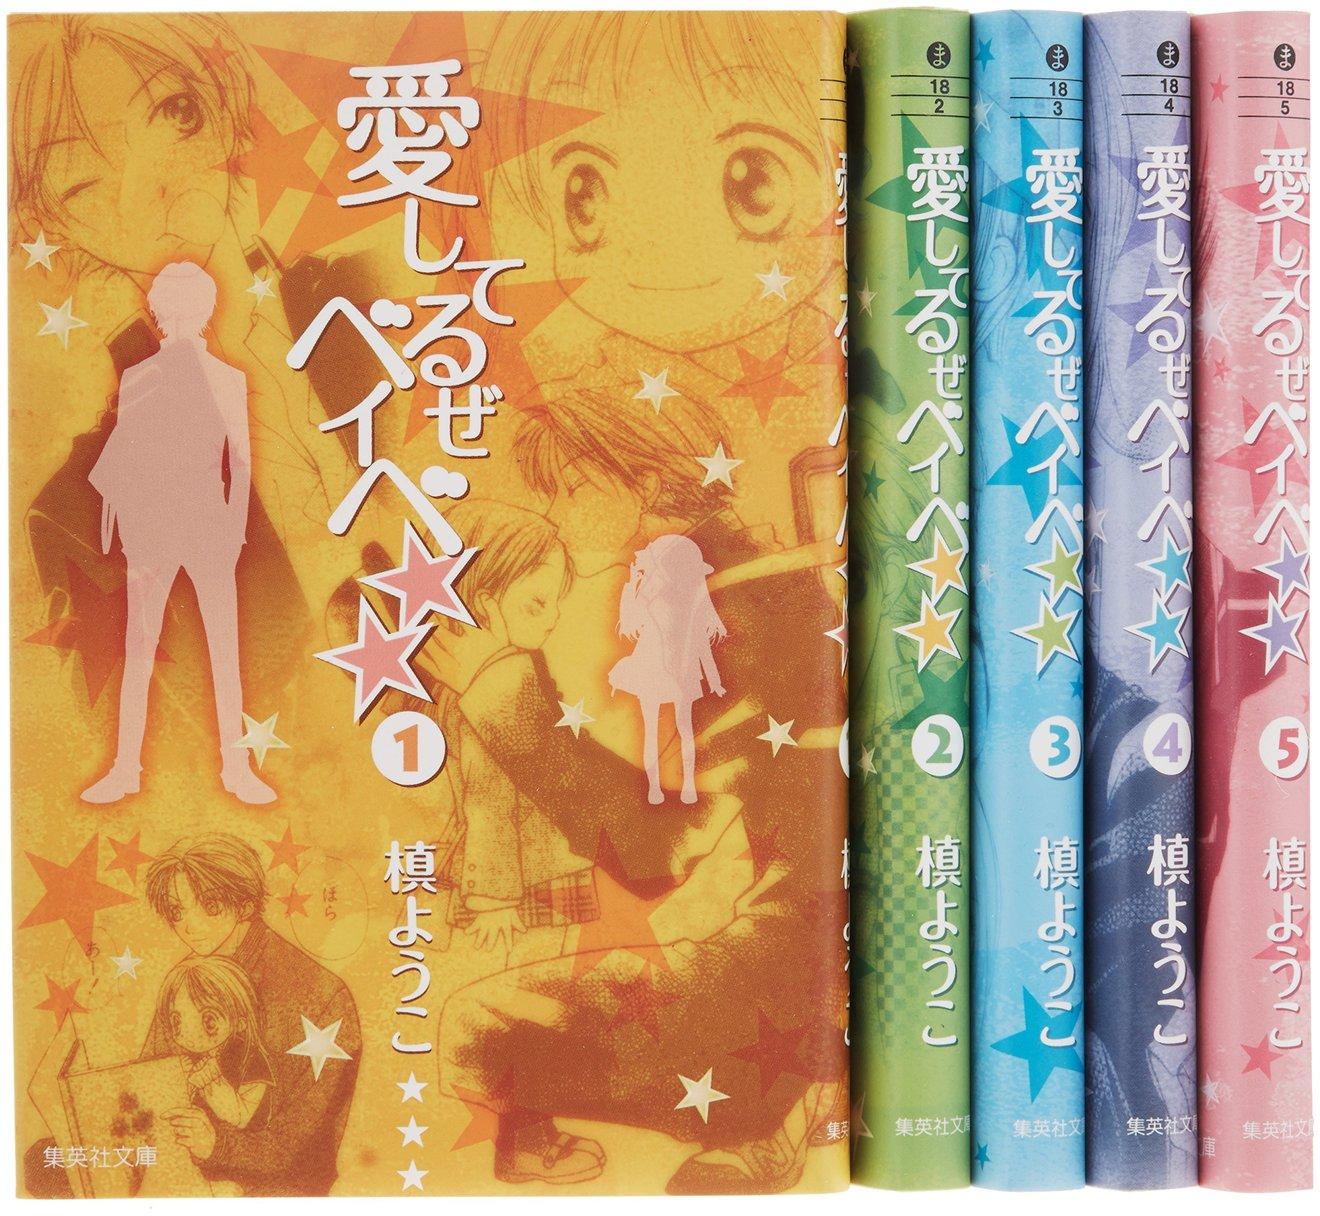 『愛してるぜベイベ★★』の見所を最終回までネタバレ紹介!無料で読める!